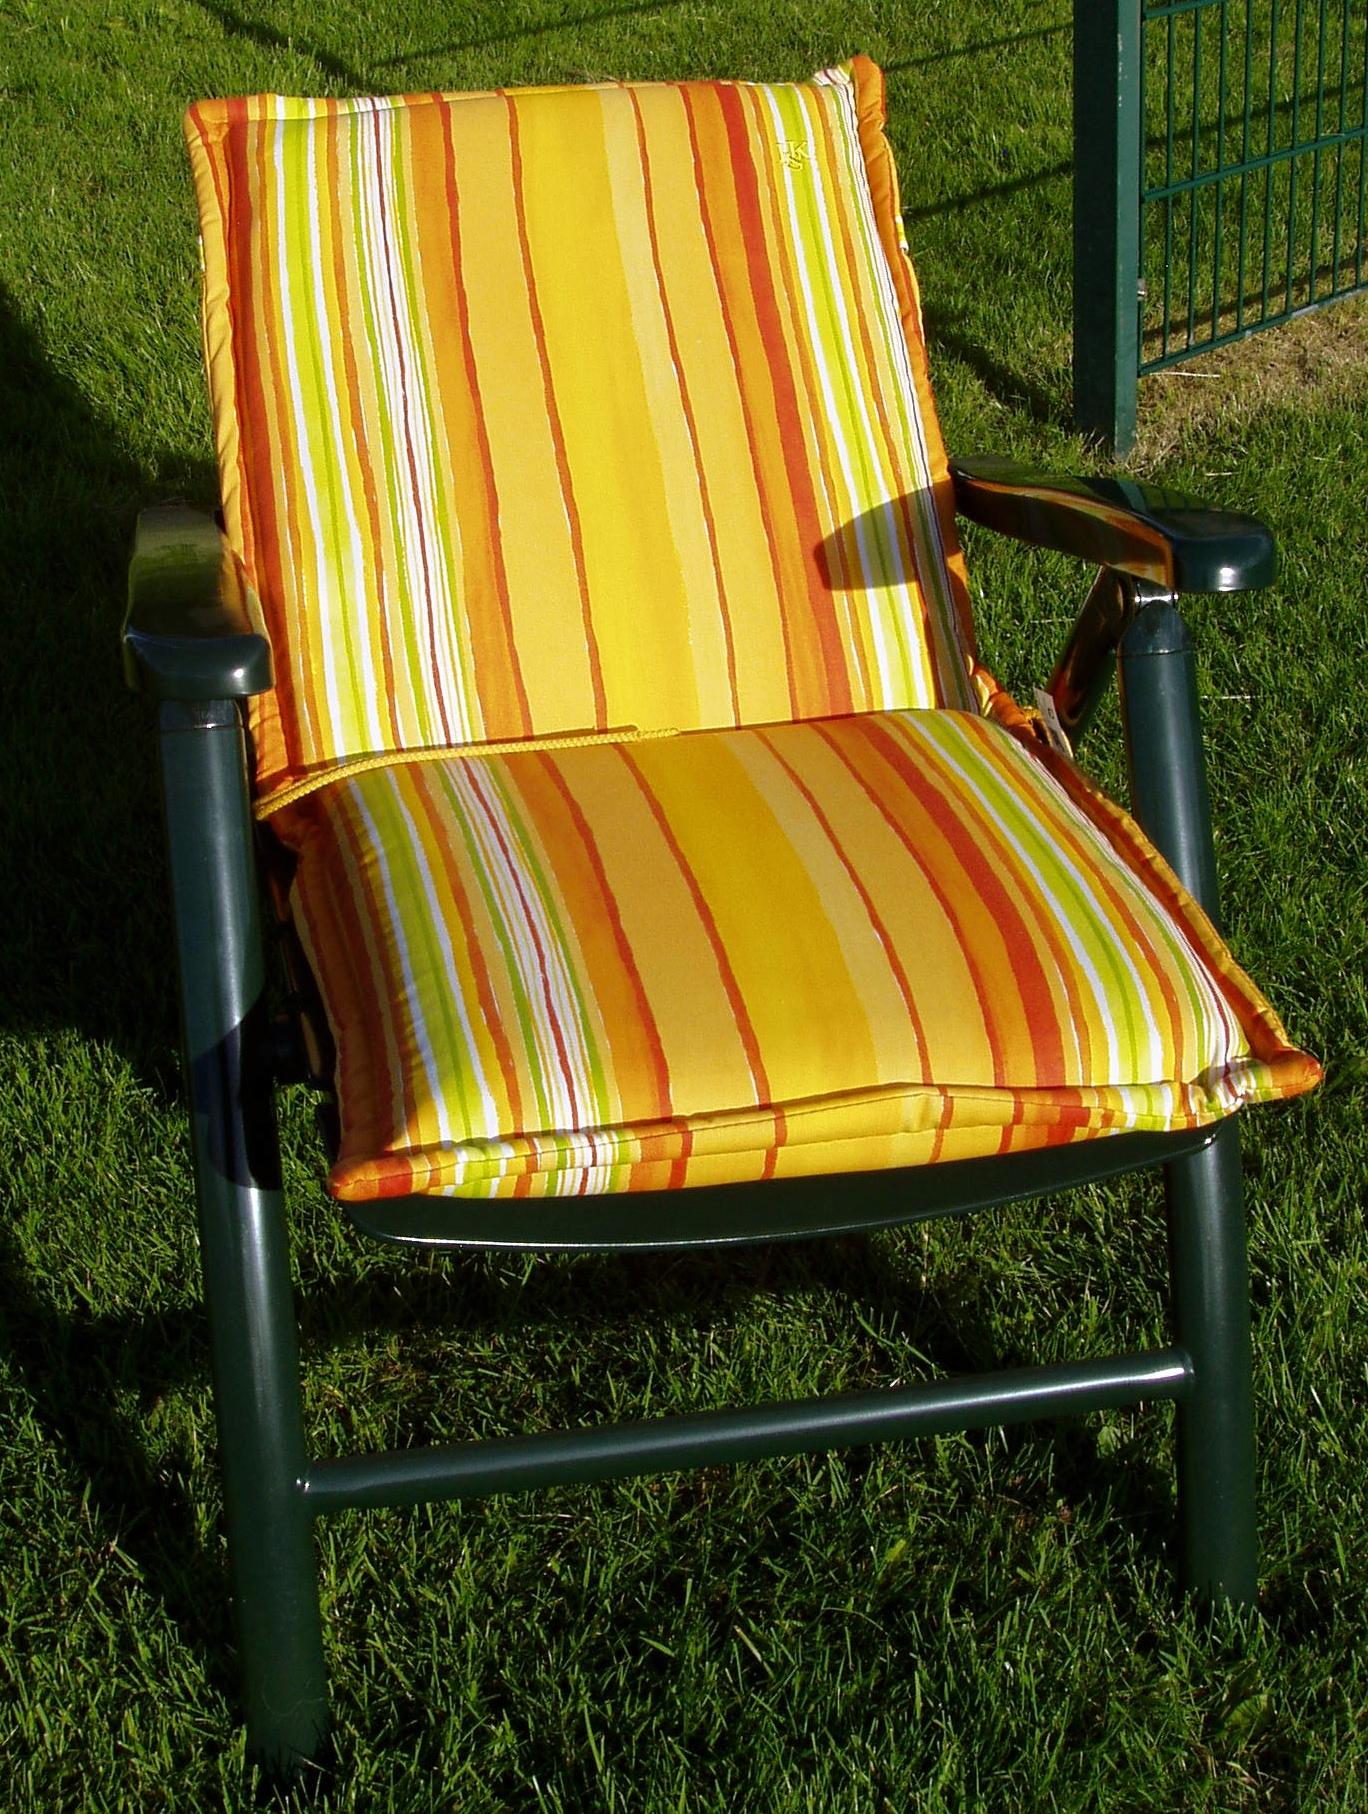 kettler hks sessel riva niedrig mit auflagen 8 er set ebay. Black Bedroom Furniture Sets. Home Design Ideas